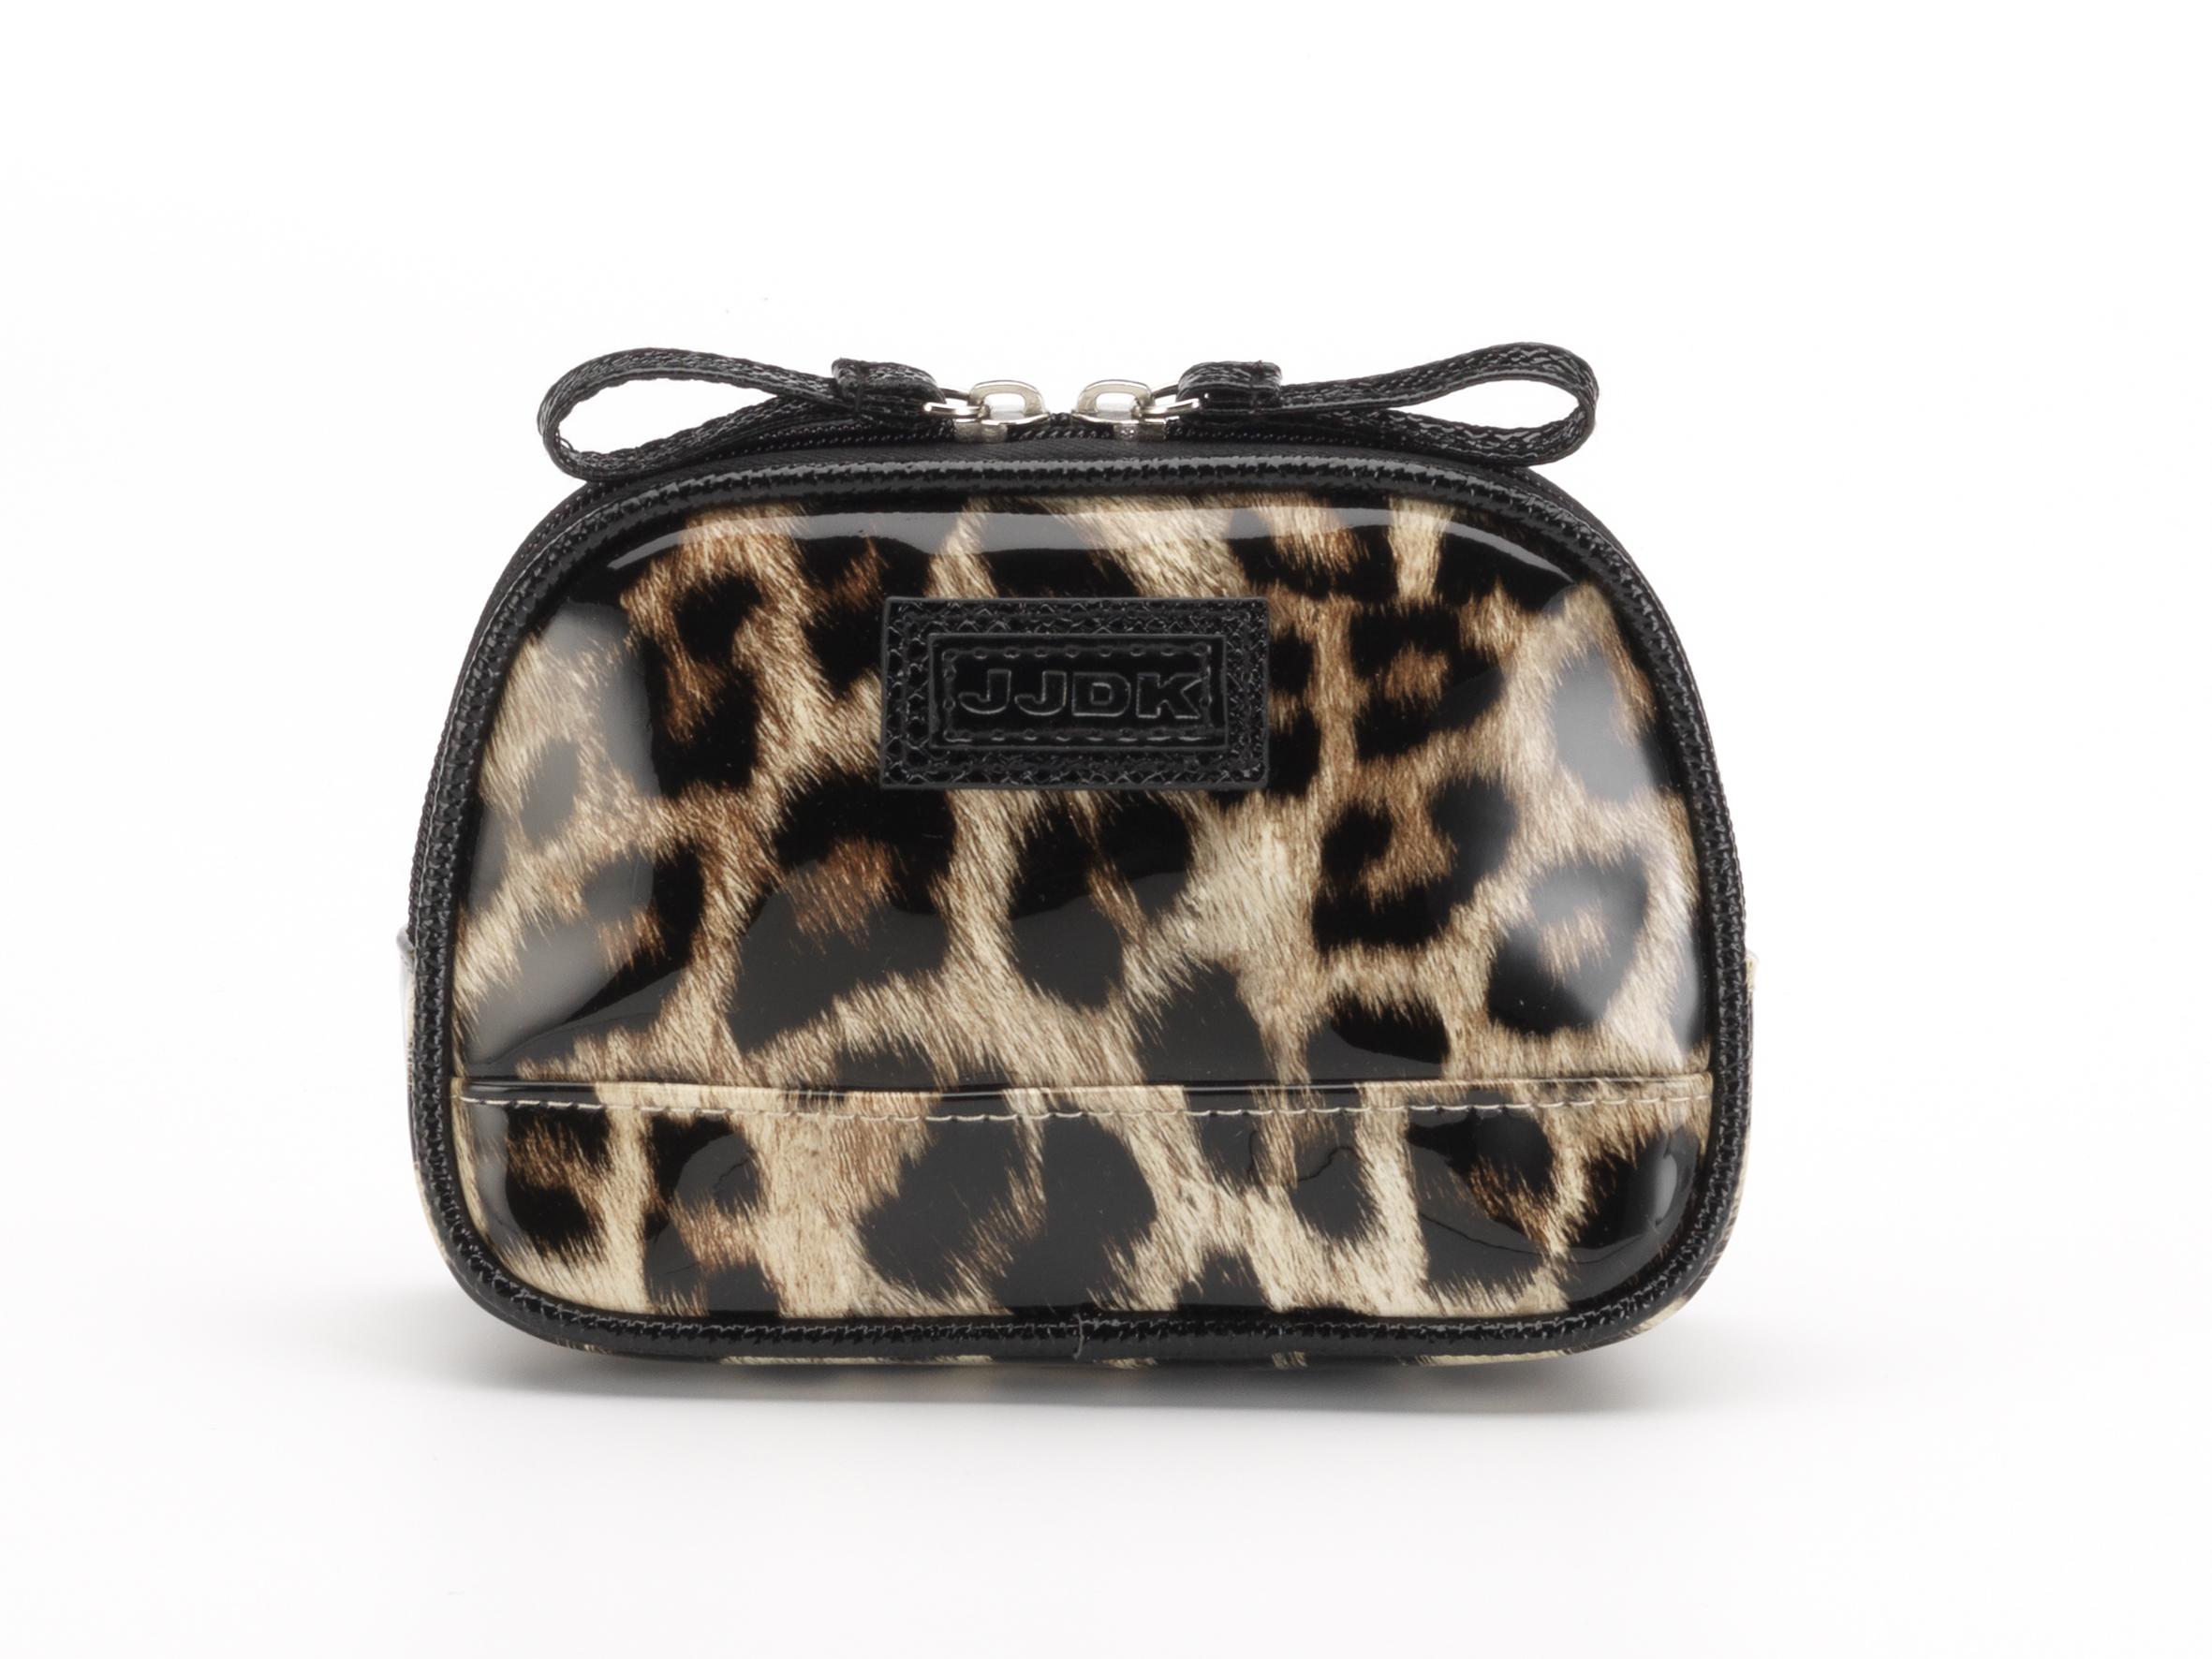 Купить JJDK Косметичка Oda leopard beige запечатанный хлопок, леопард бежевый